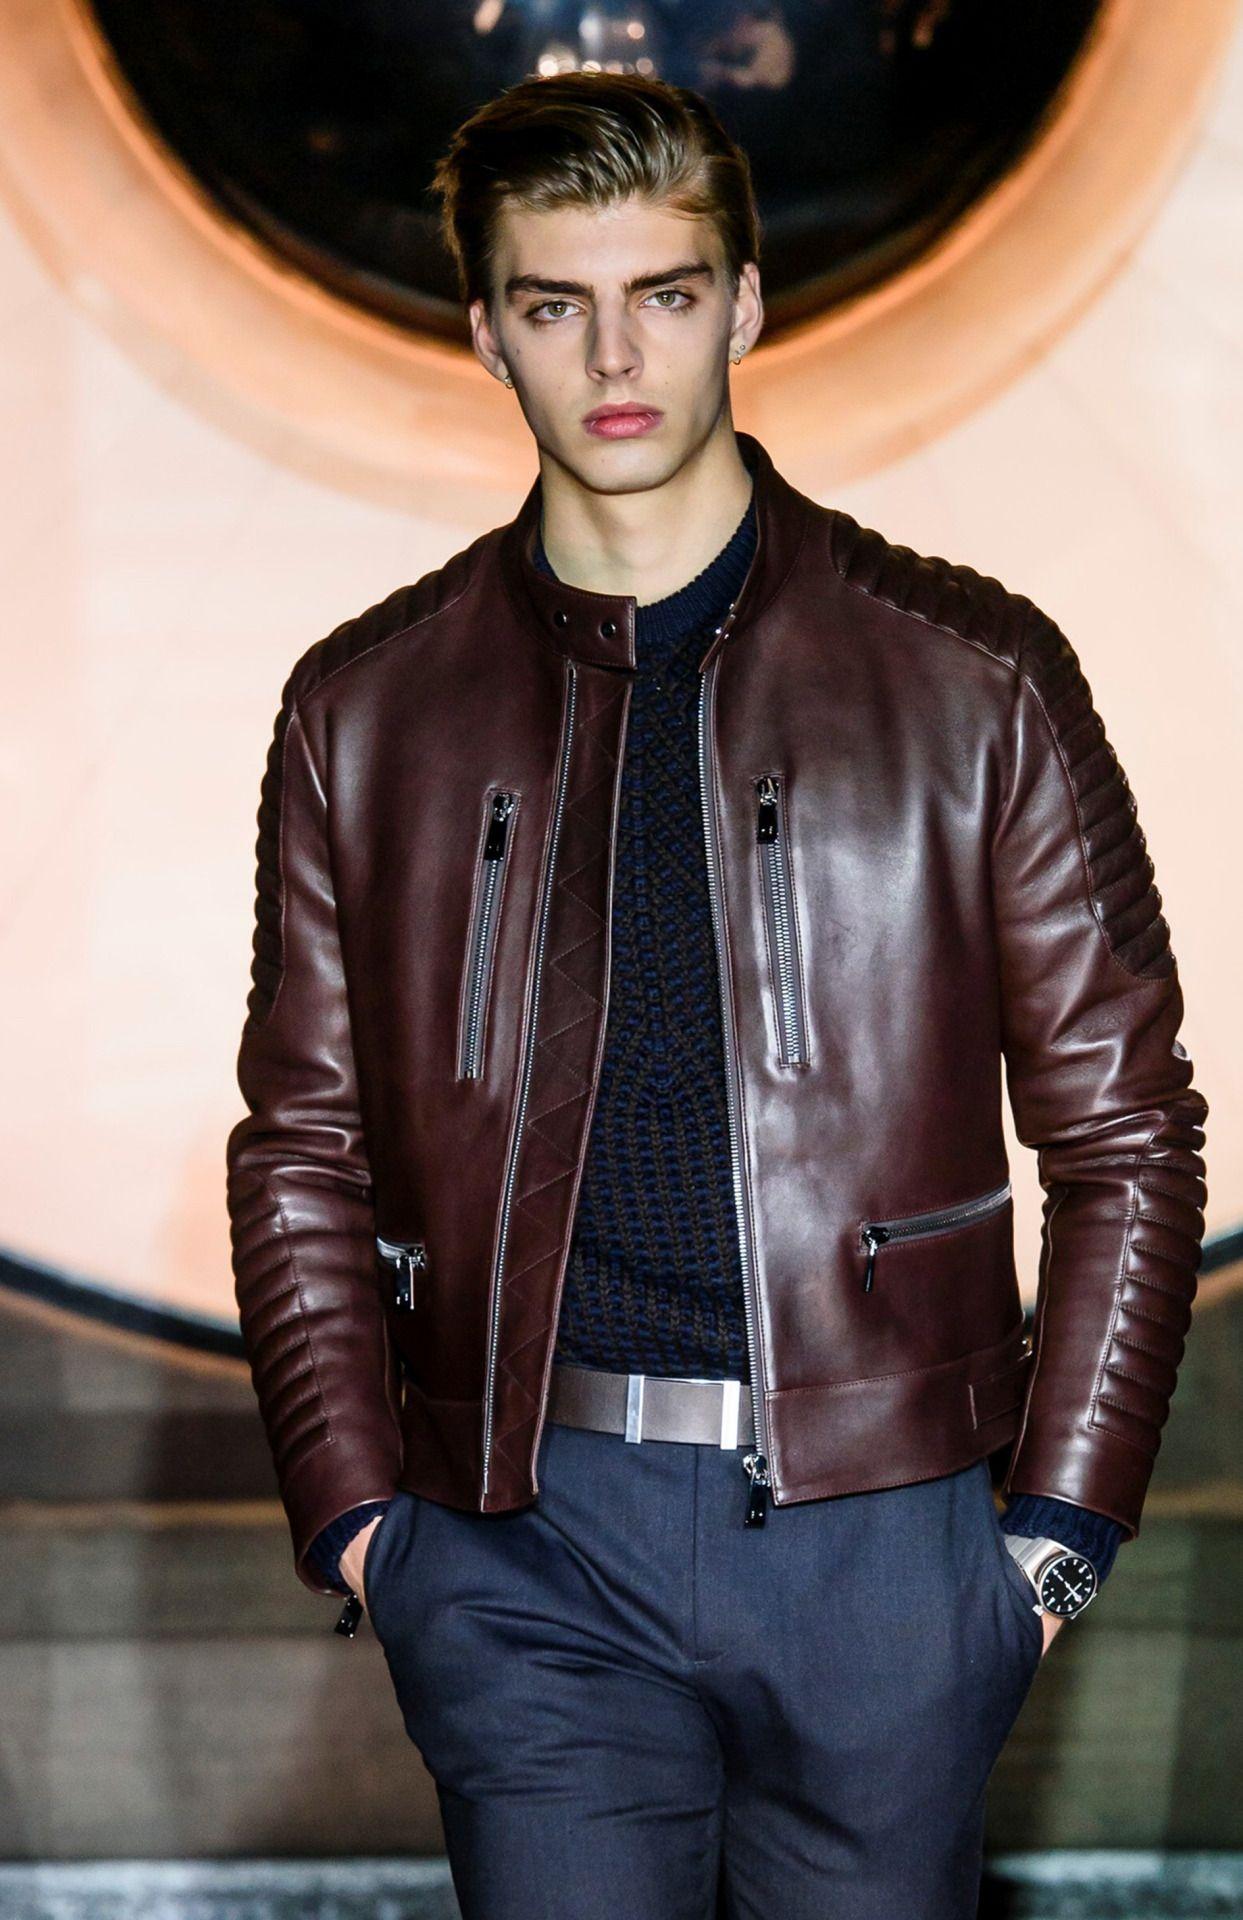 Porsche Design F/W 16 Menswear (Berlin) Leather jacket